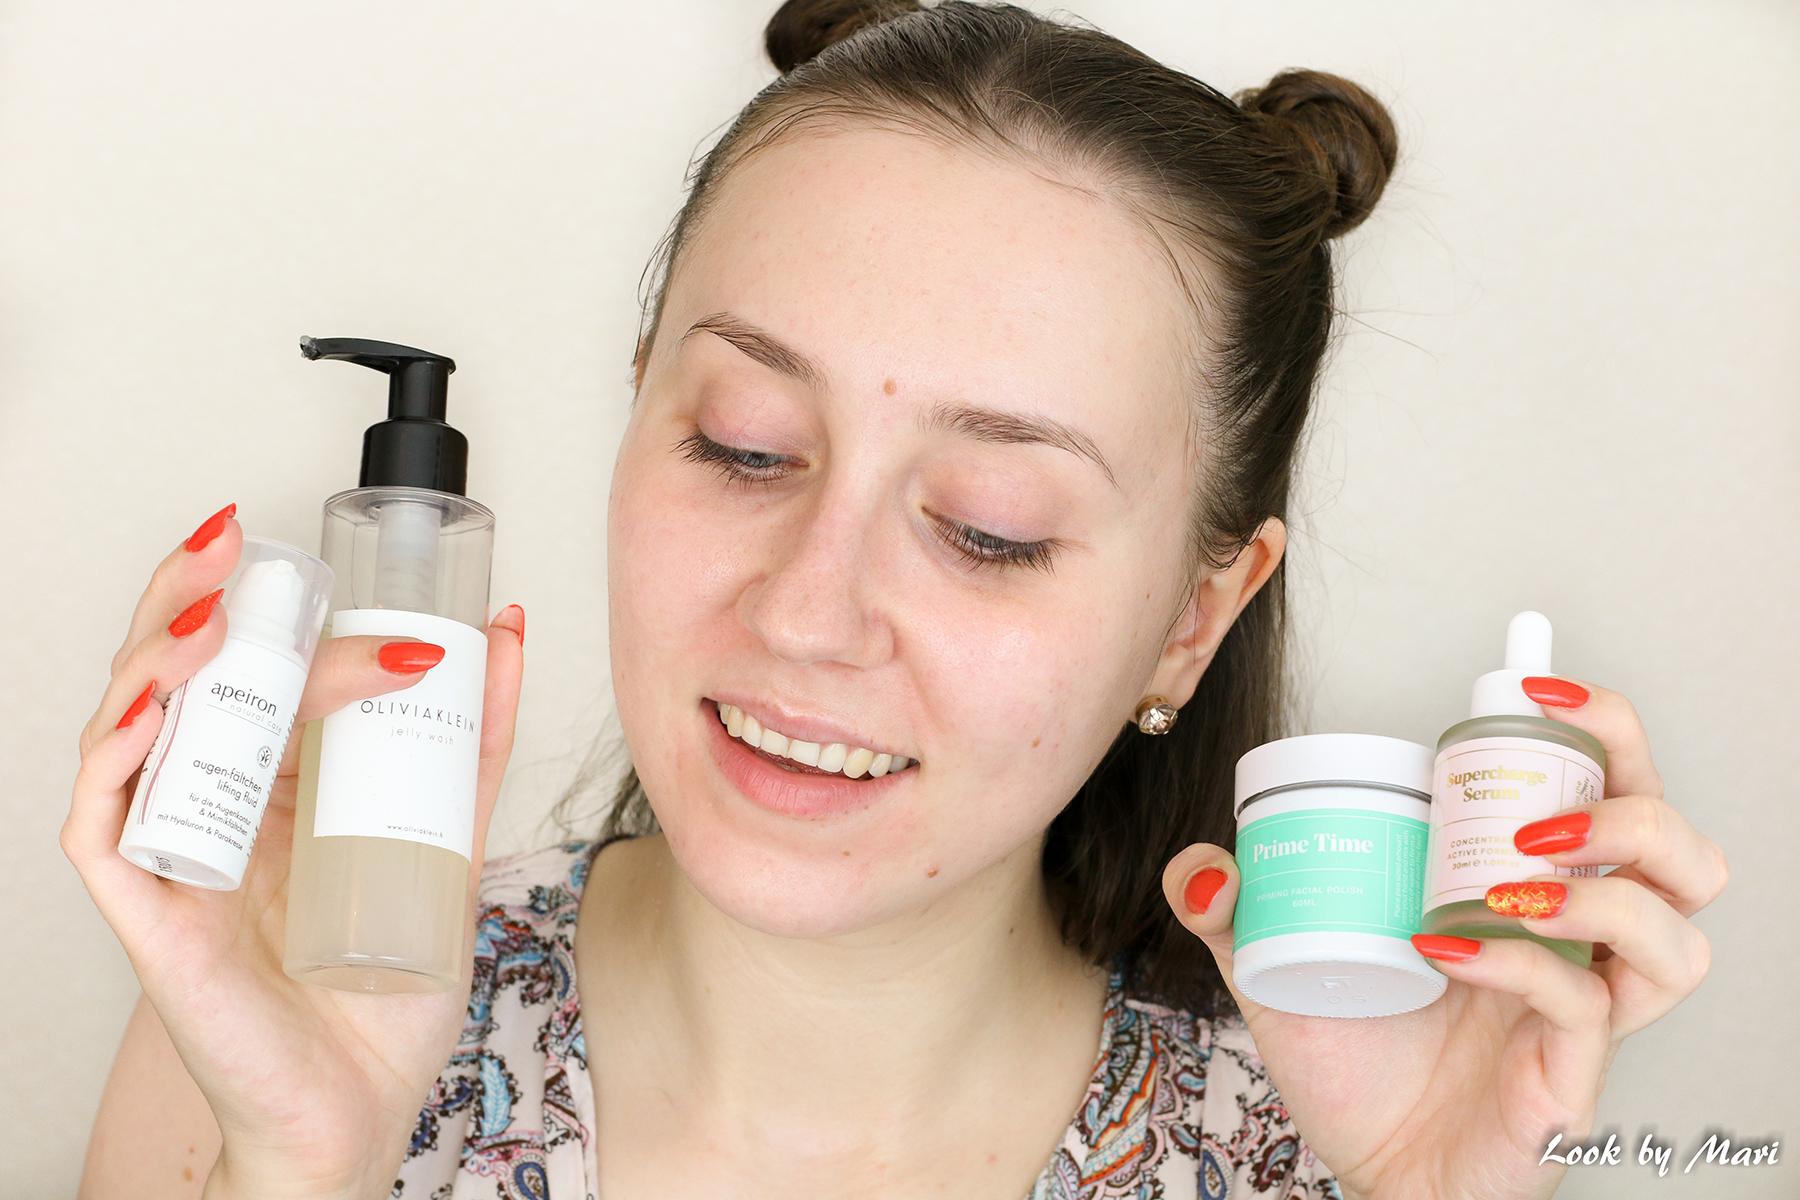 20 olivia klein kokemuksia bybi prime time face scrub supercharged serum apeiron kokemuksia